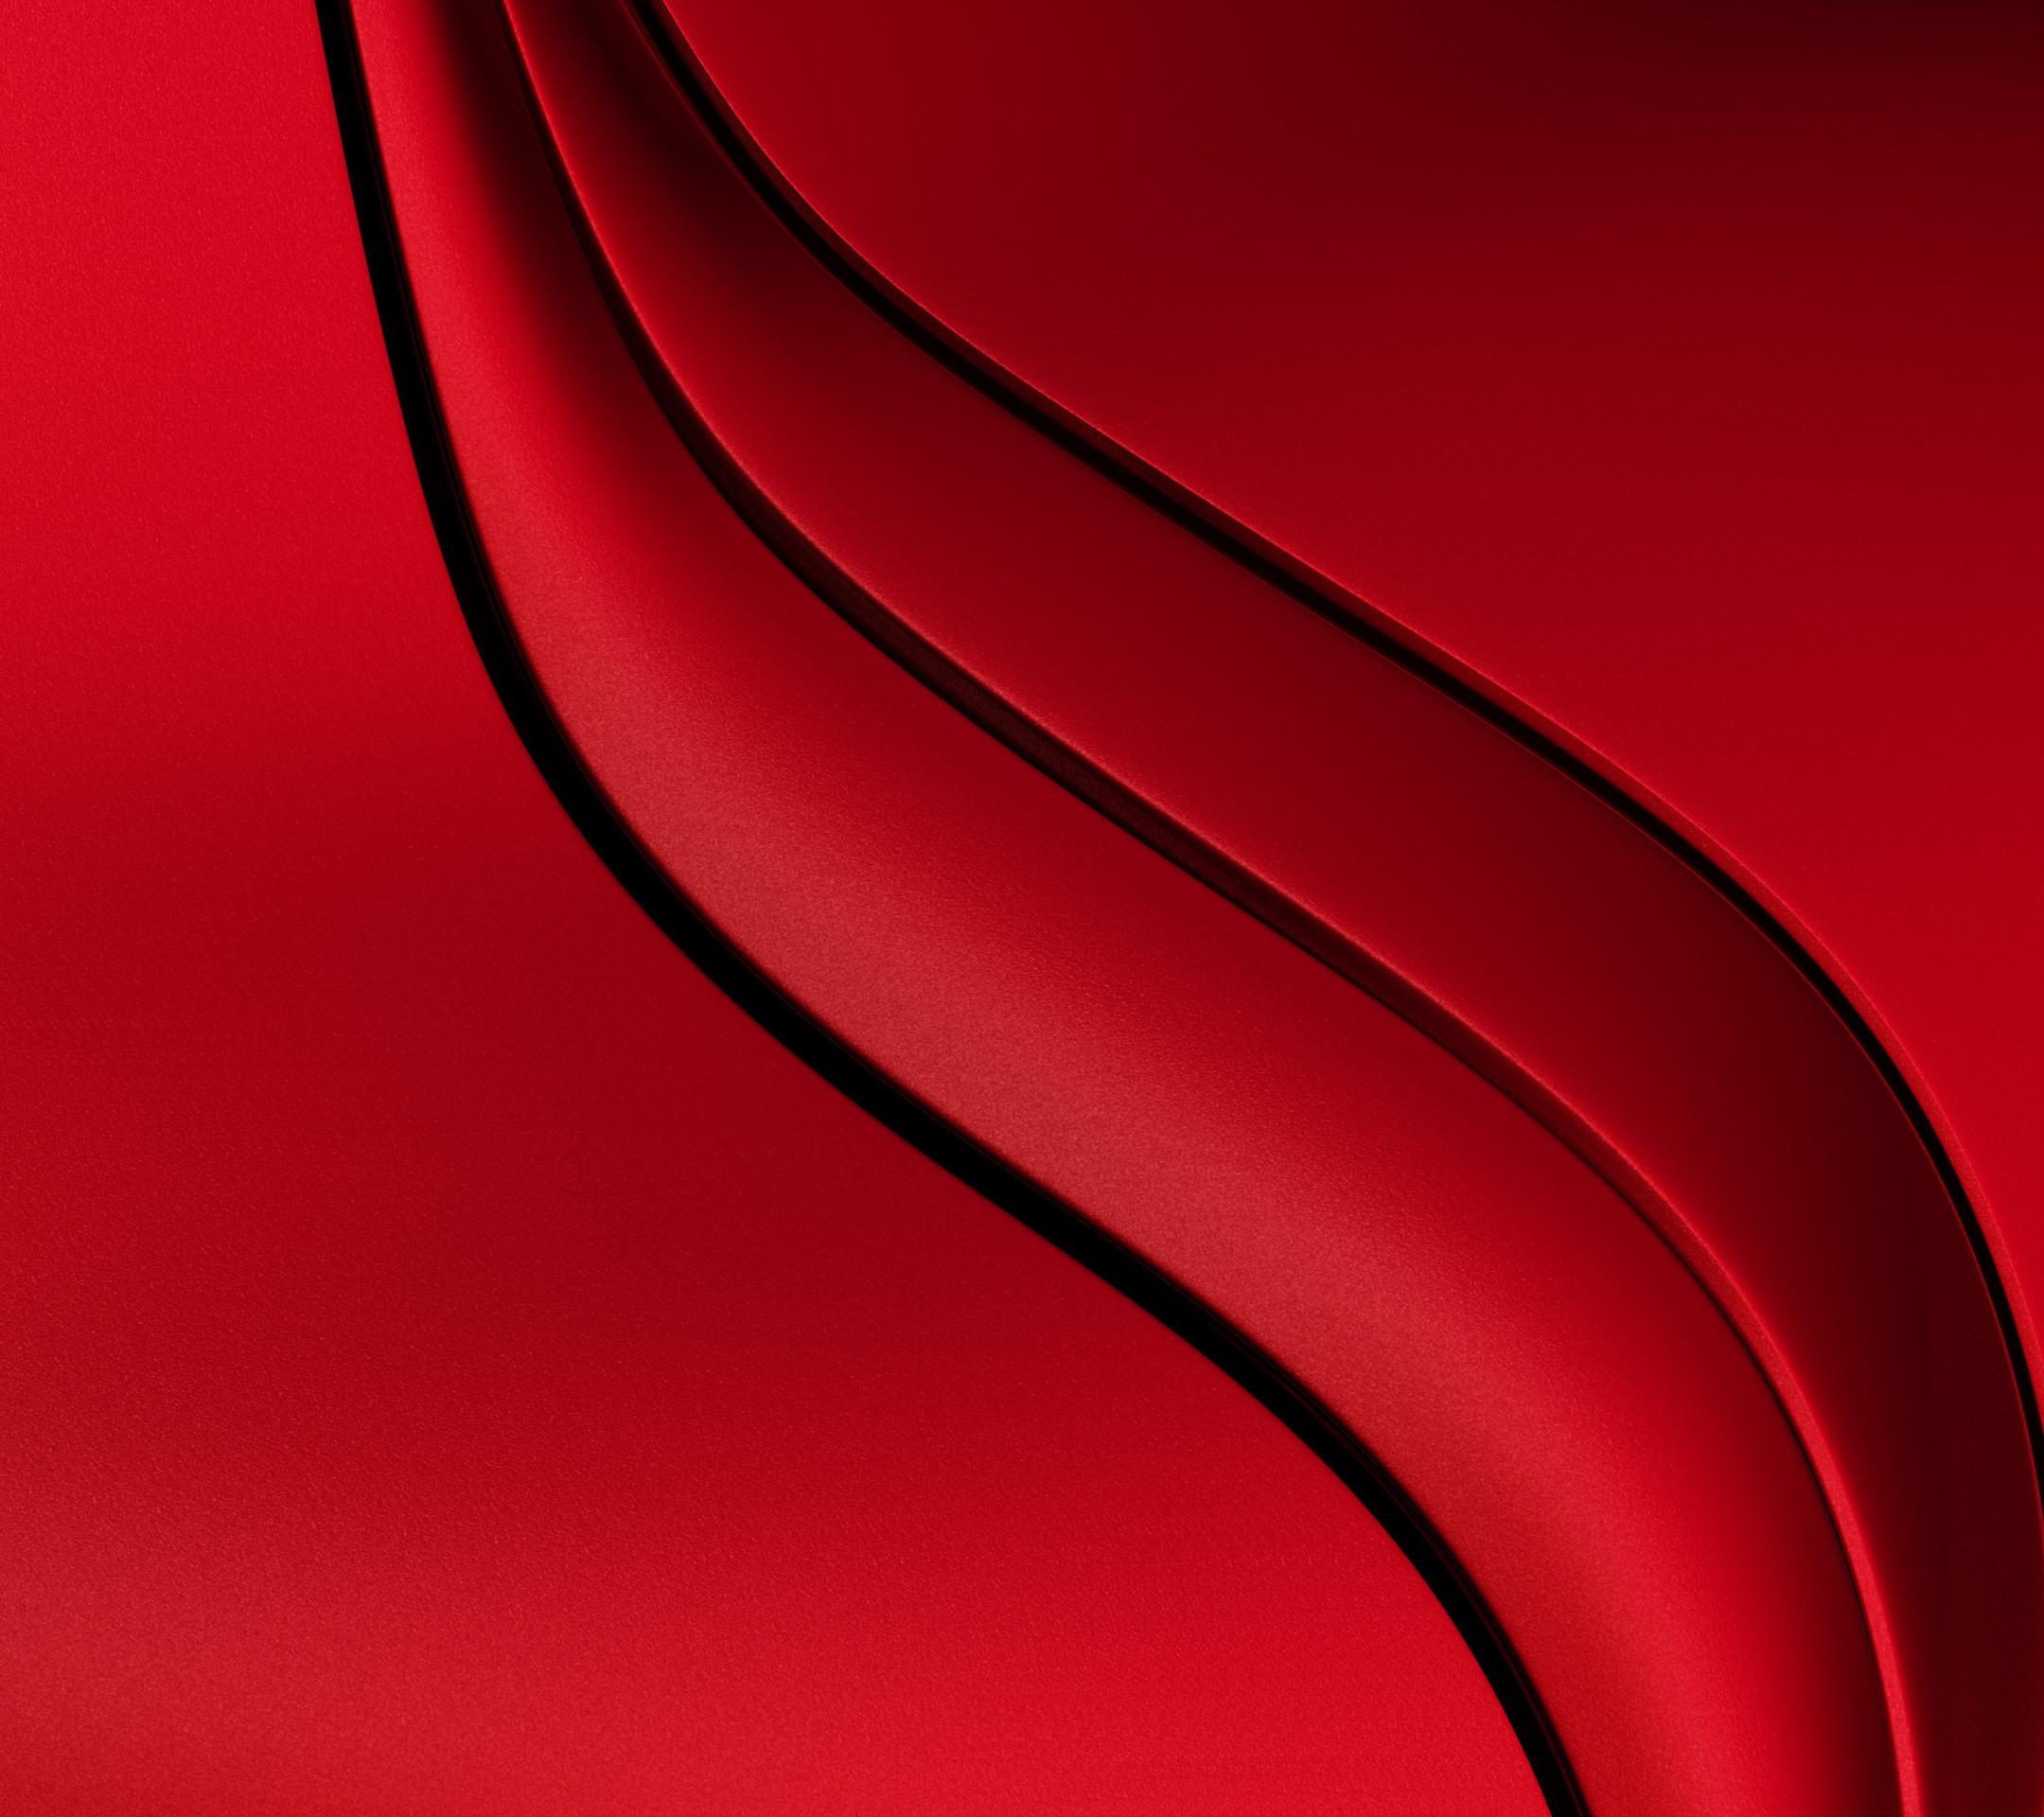 Res: 2160x1920, wallpaper htc butterfly htc butterfly wallpaper kddi wallpaper red